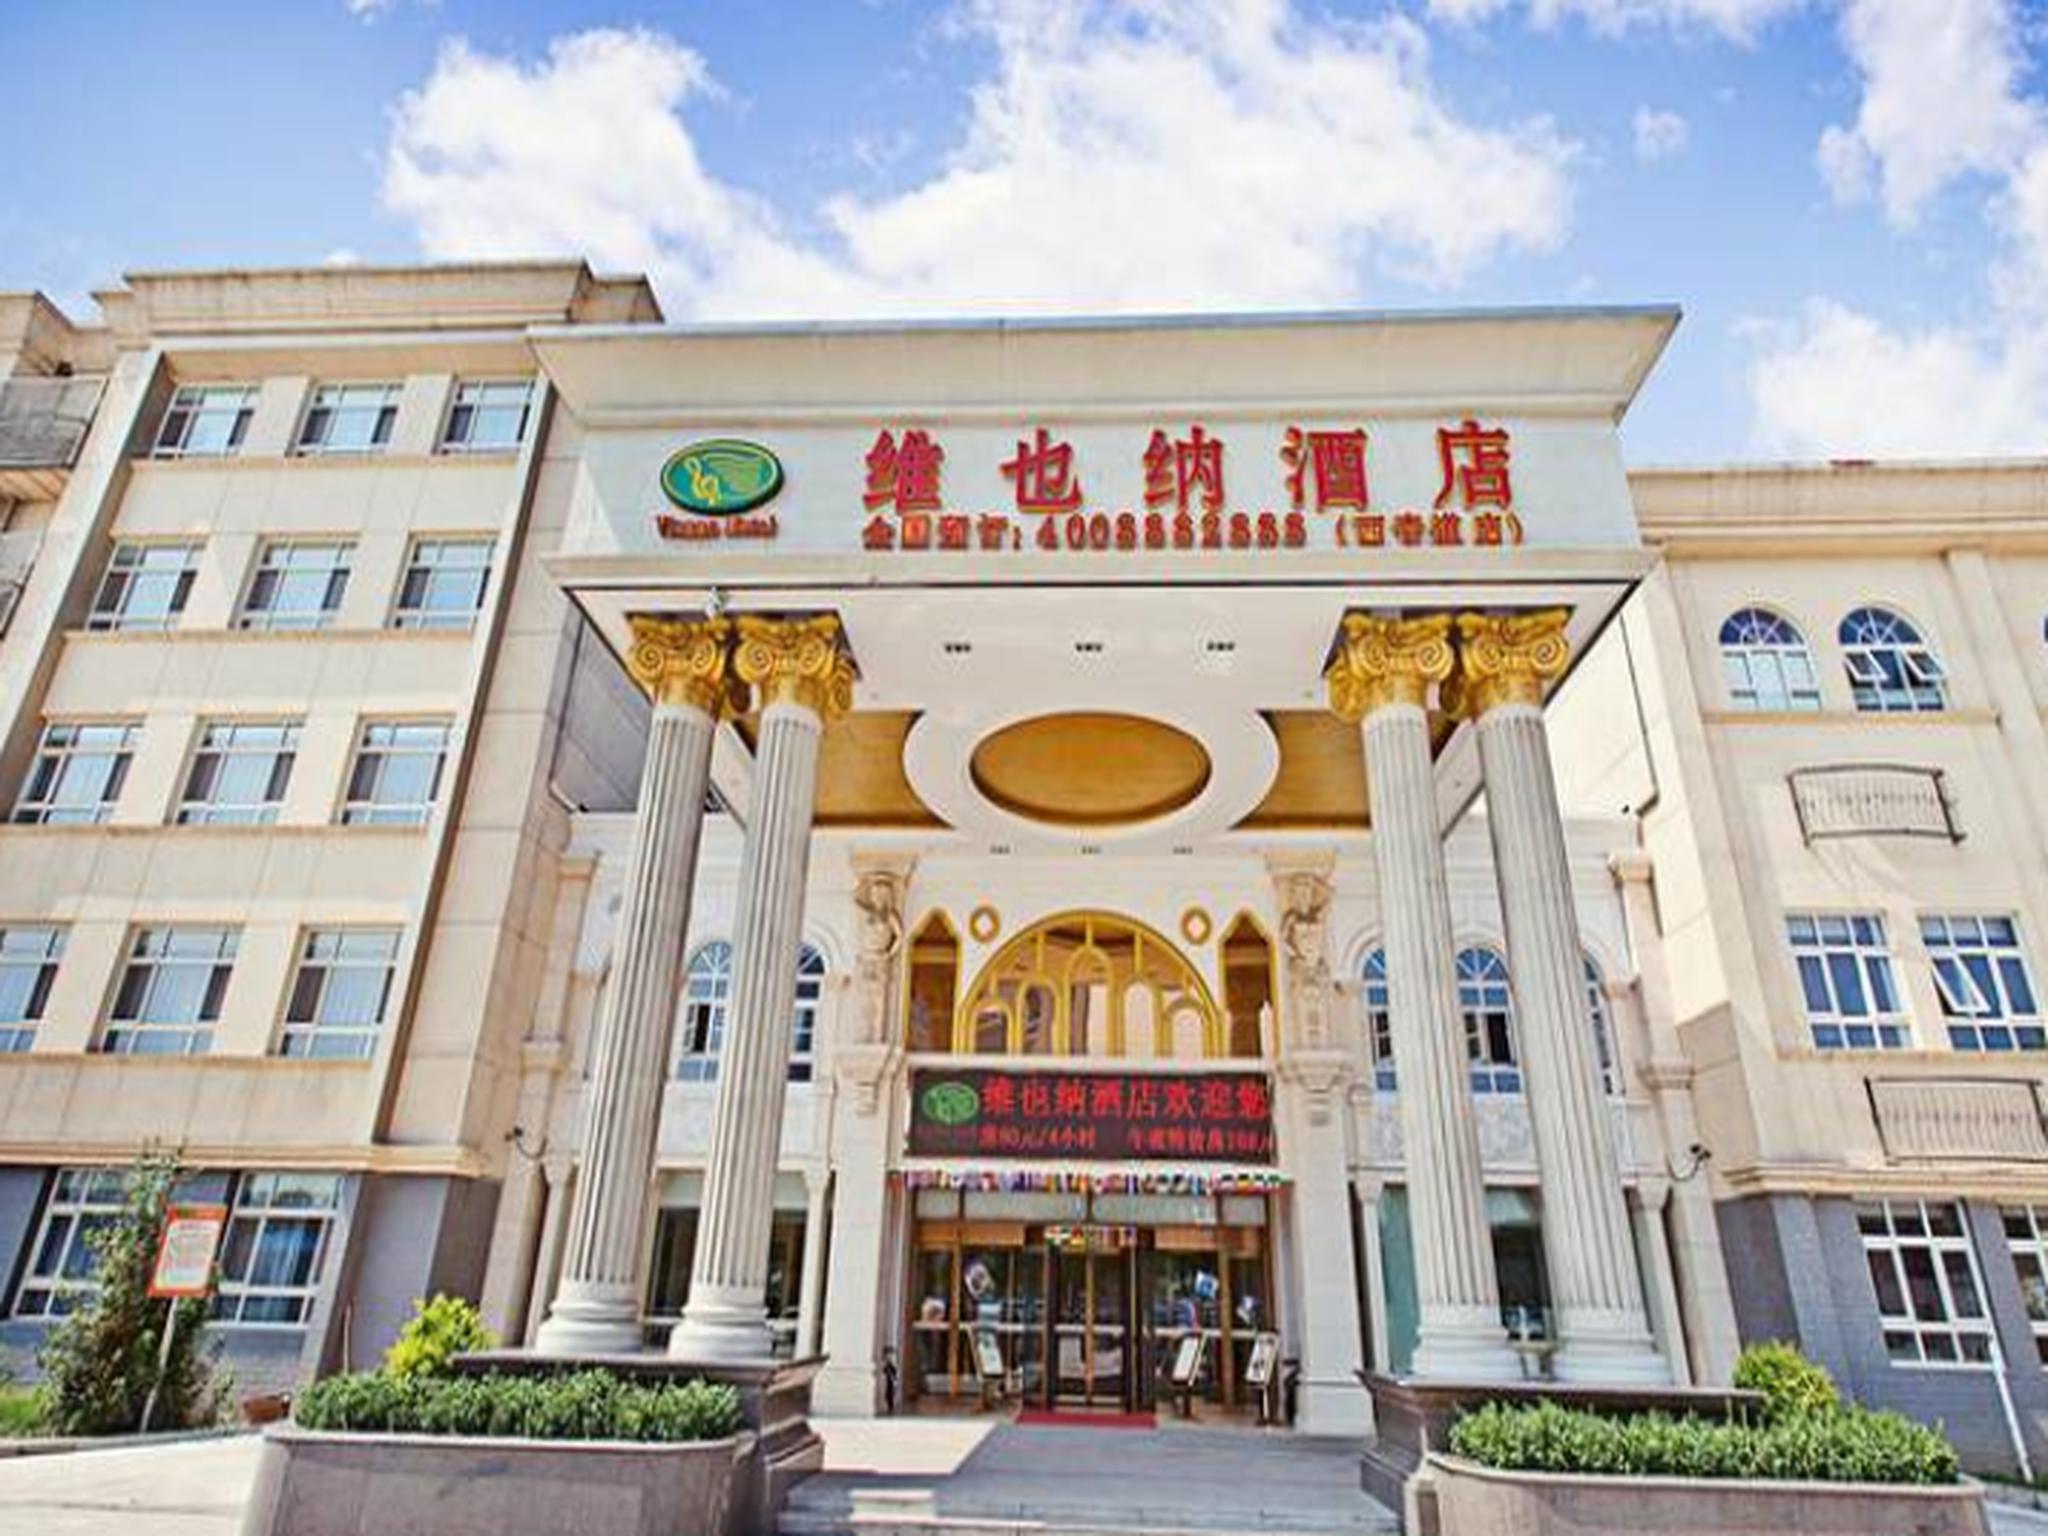 Vienna Hotel Tianjin Yangliuqing Branch